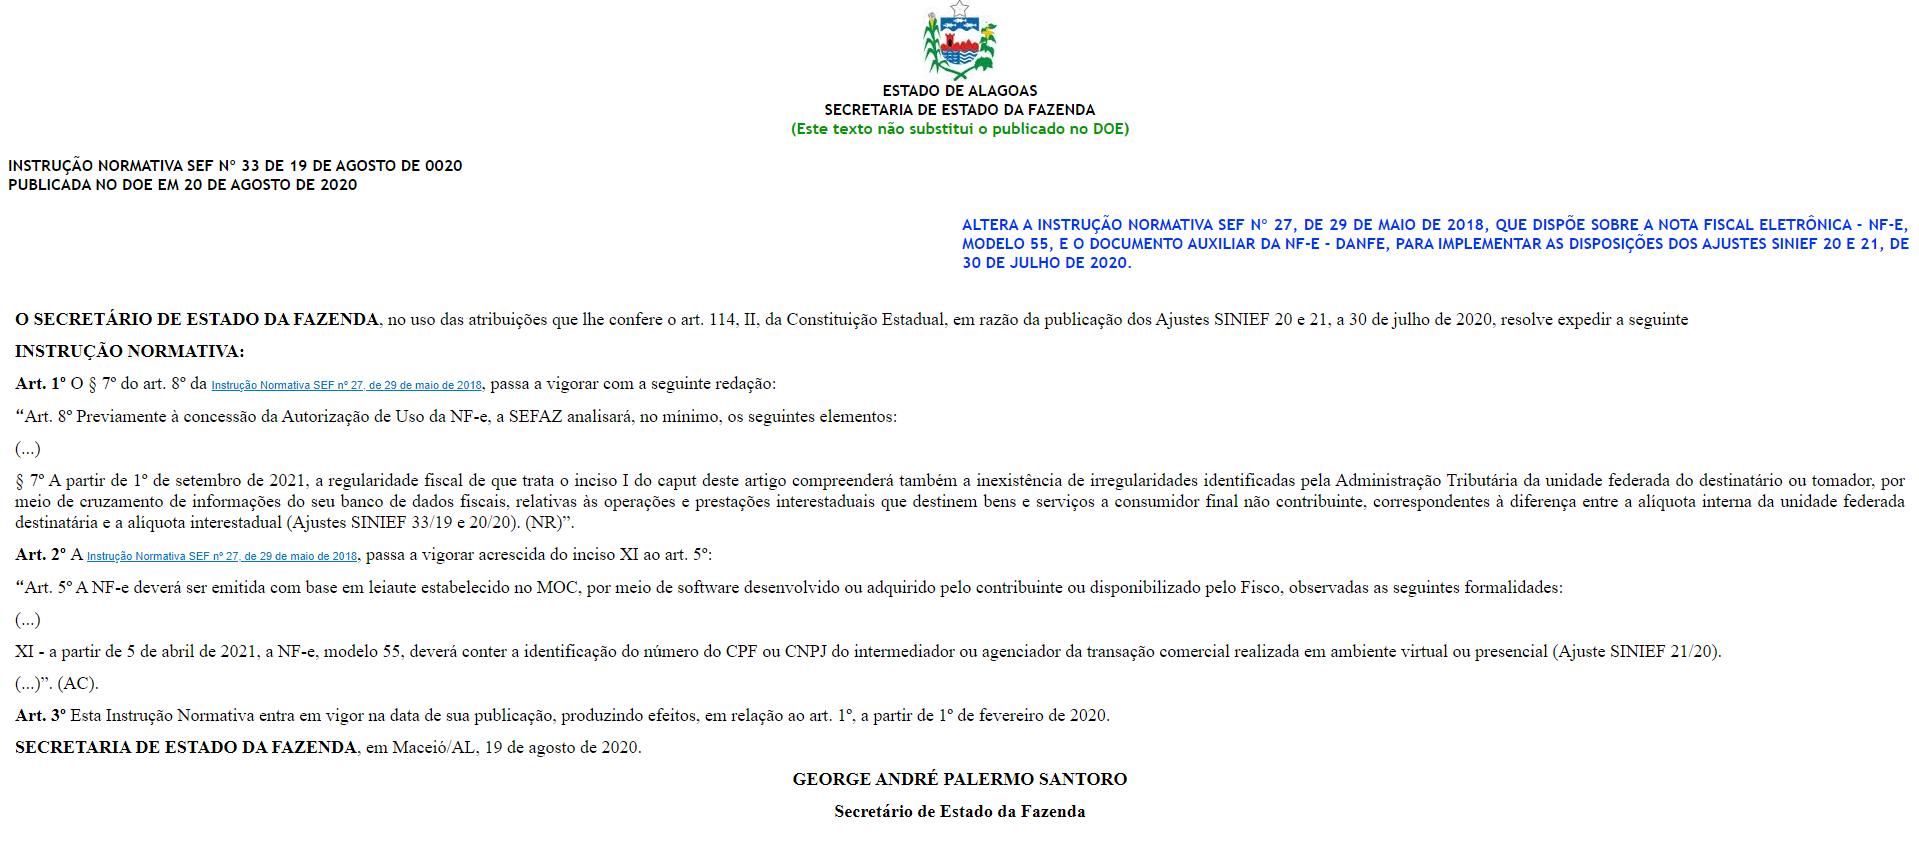 Instrução normativa 33